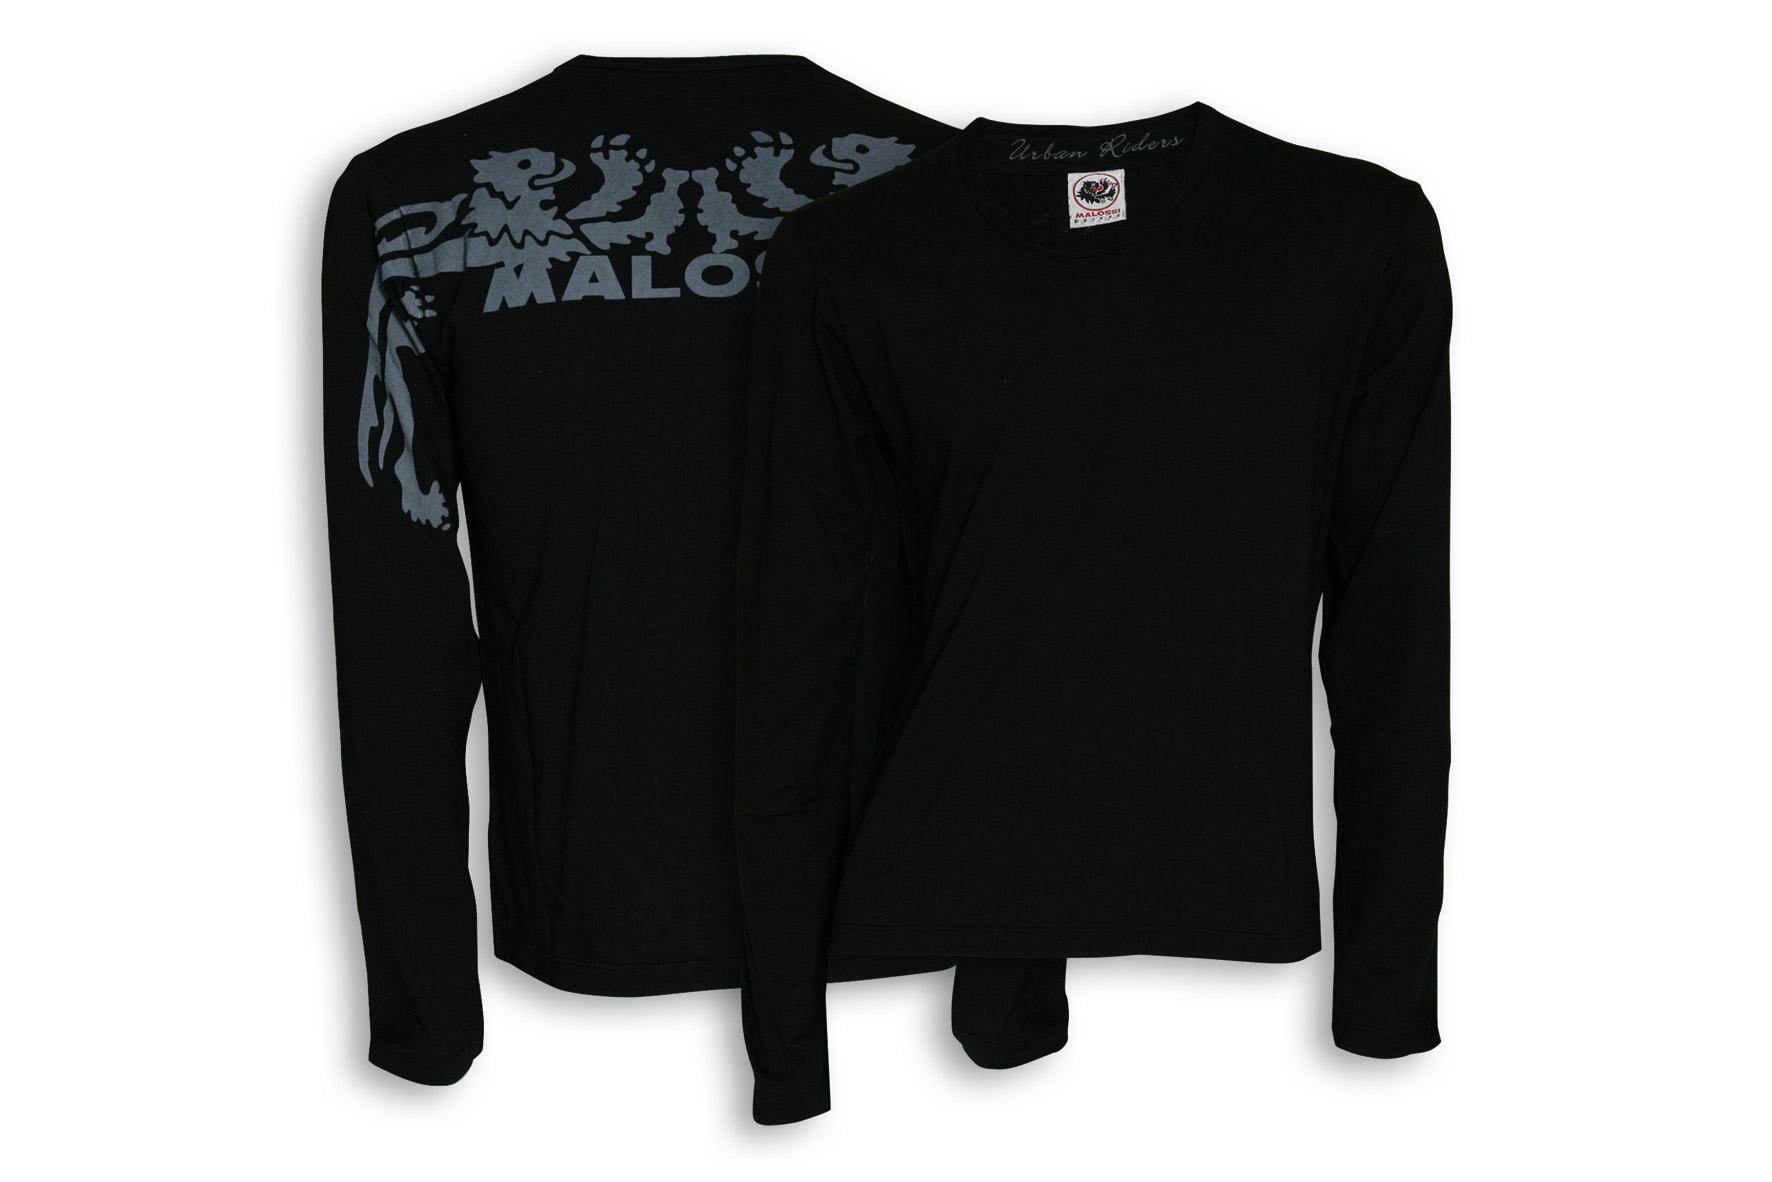 Camiseta Malossi griffe START negra manga larga - talla S